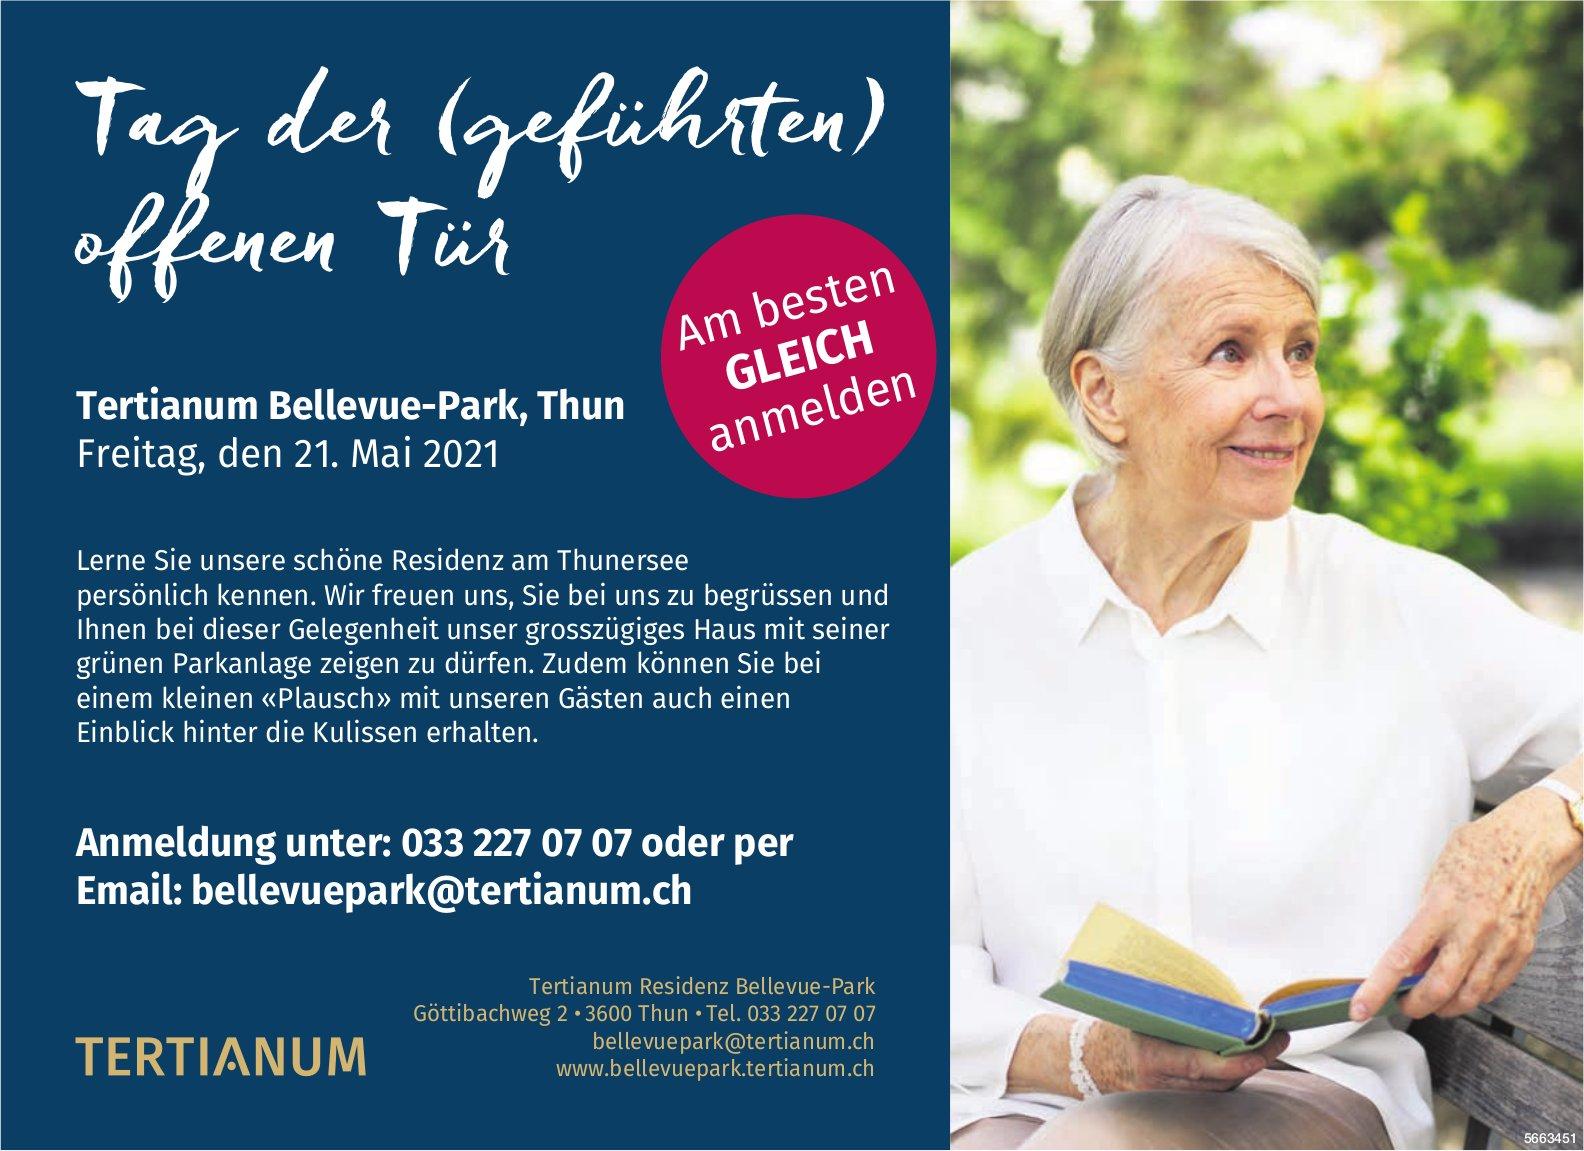 Tag der (geführten) offenen Tür, 21. Mai, Tertianum Residenz Bellevue-Park, Thun